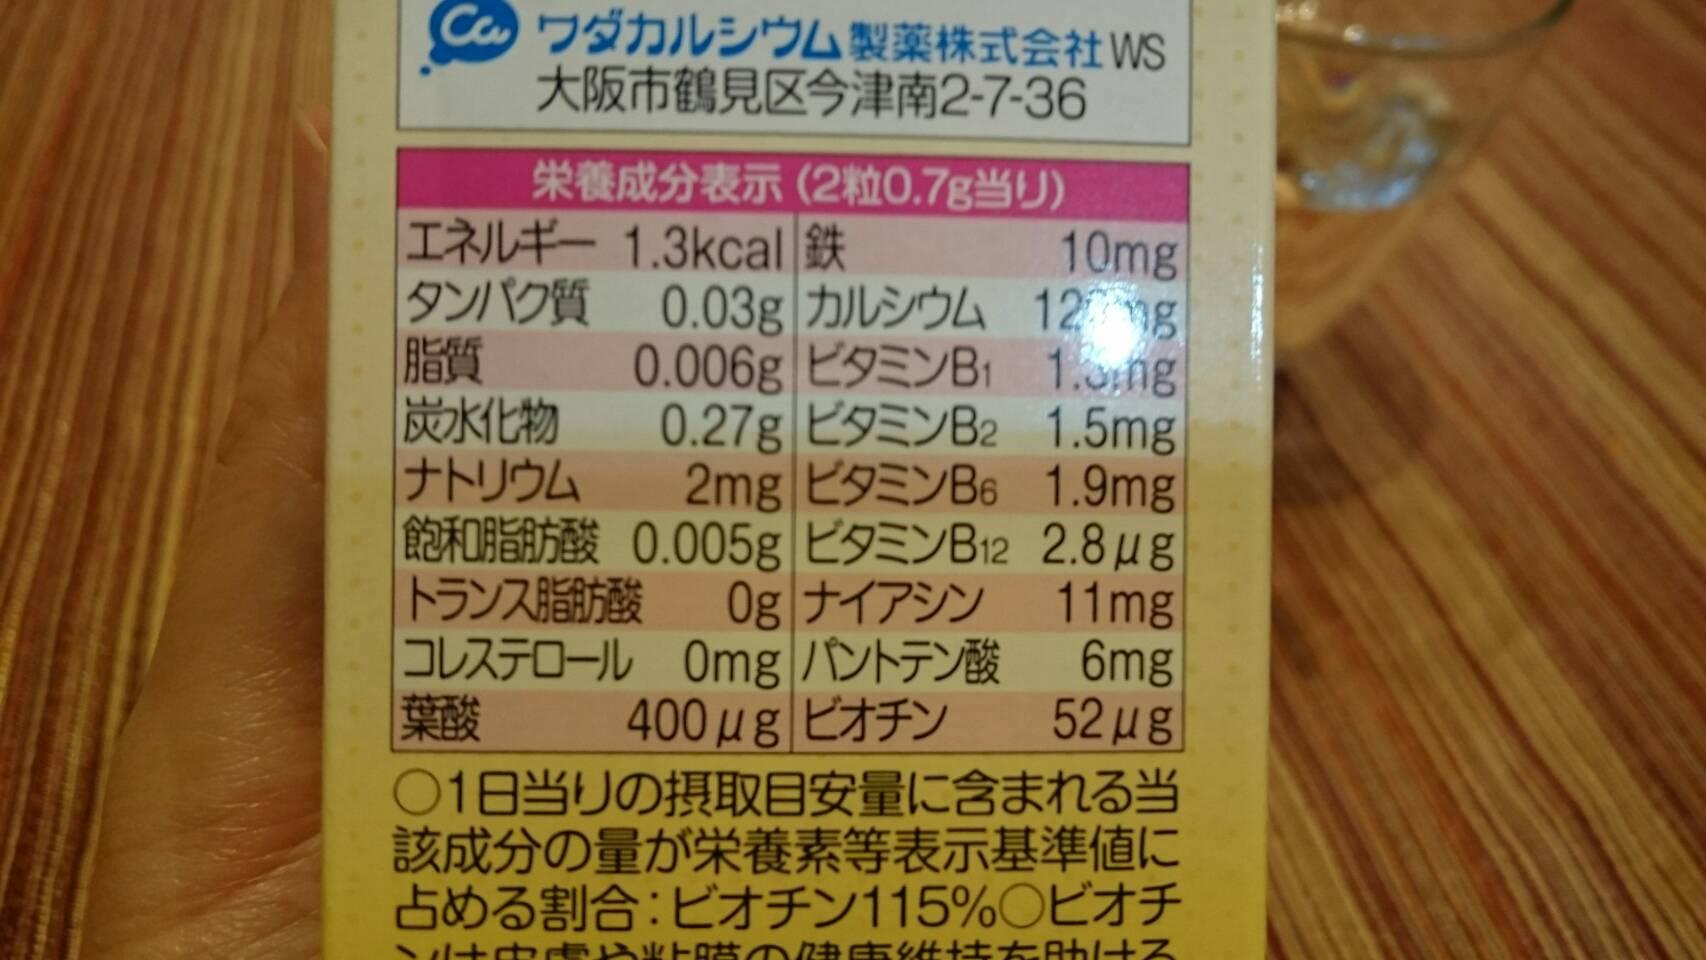 ワダカルママの葉酸サプリの栄養成分表示